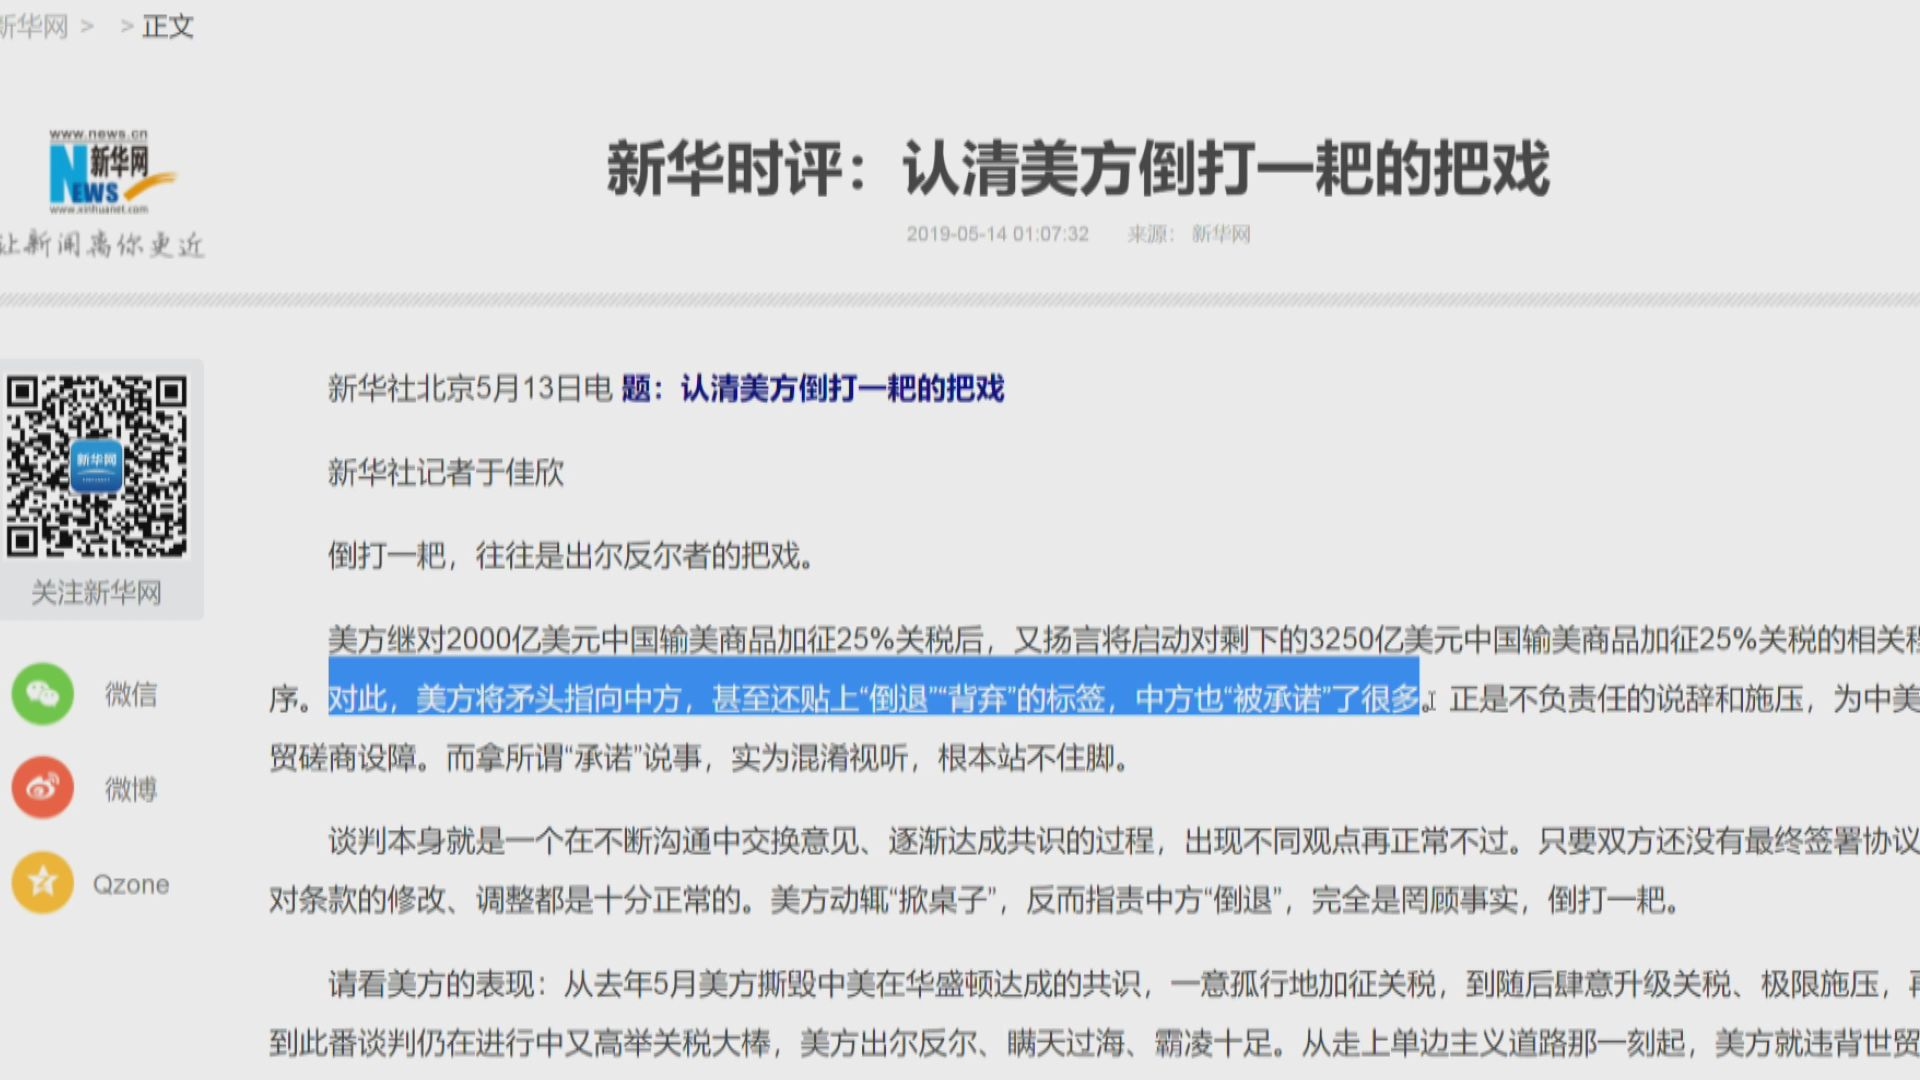 【中美貿易戰升級】外交部、三大官媒「圍剿」美國